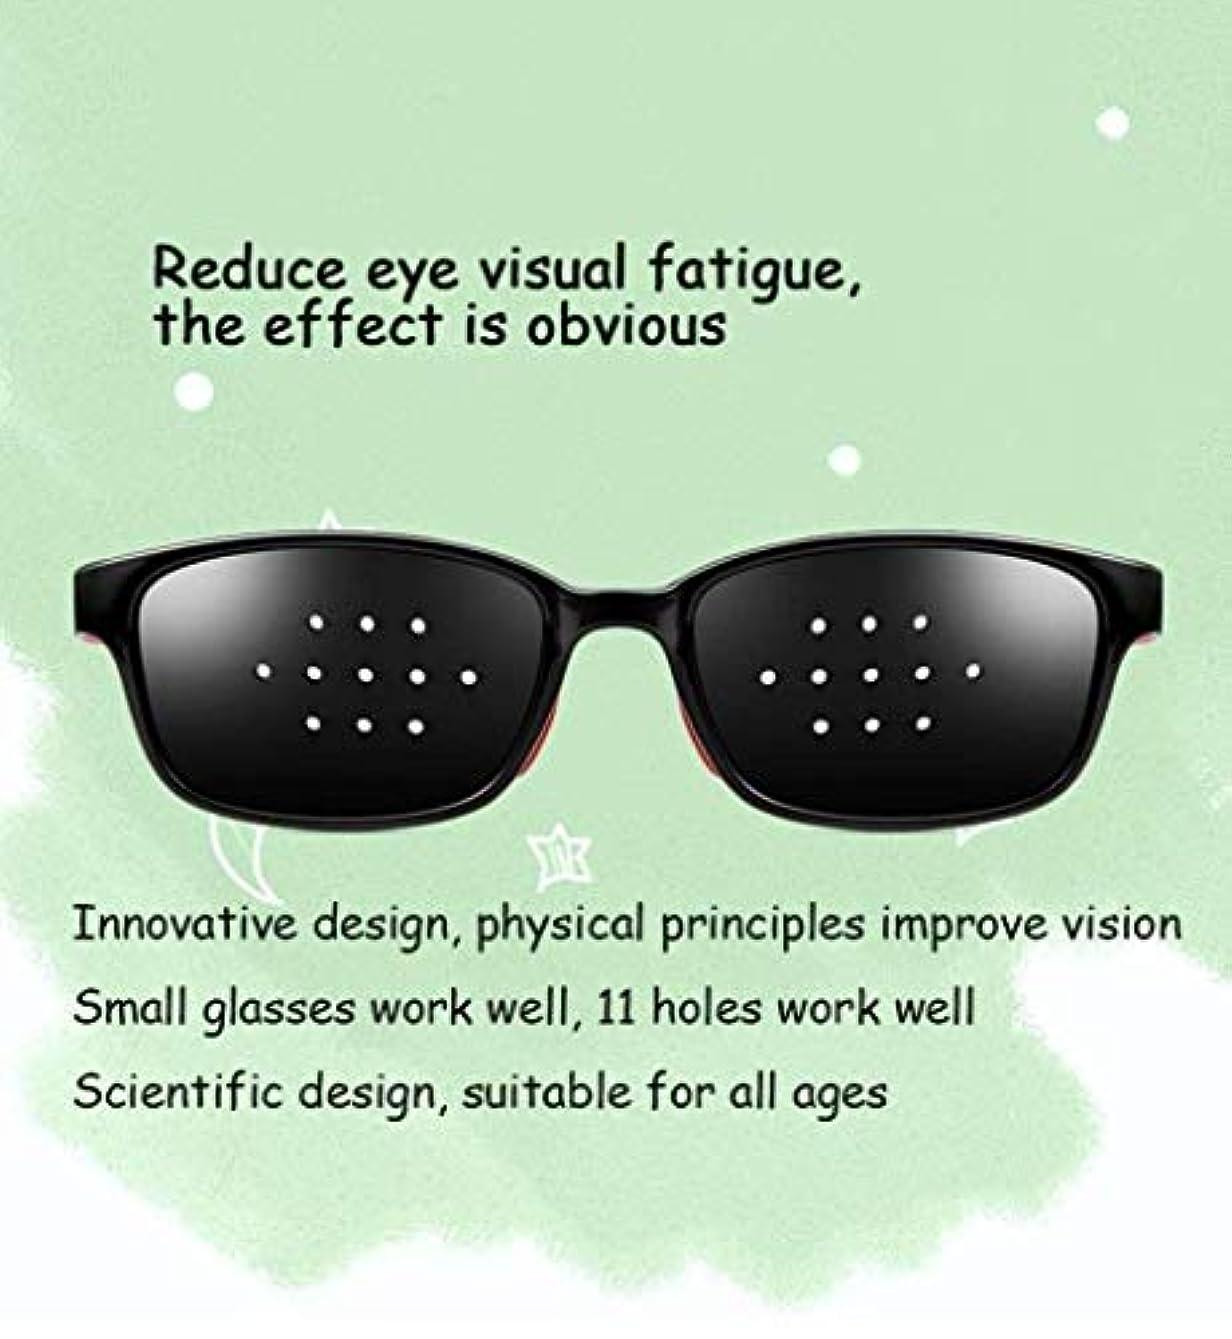 施し落胆させる失敗ユニセックス視力ビジョンケアビジョンピンホールメガネアイズエクササイズファッションナチュラル (Color : 黒)